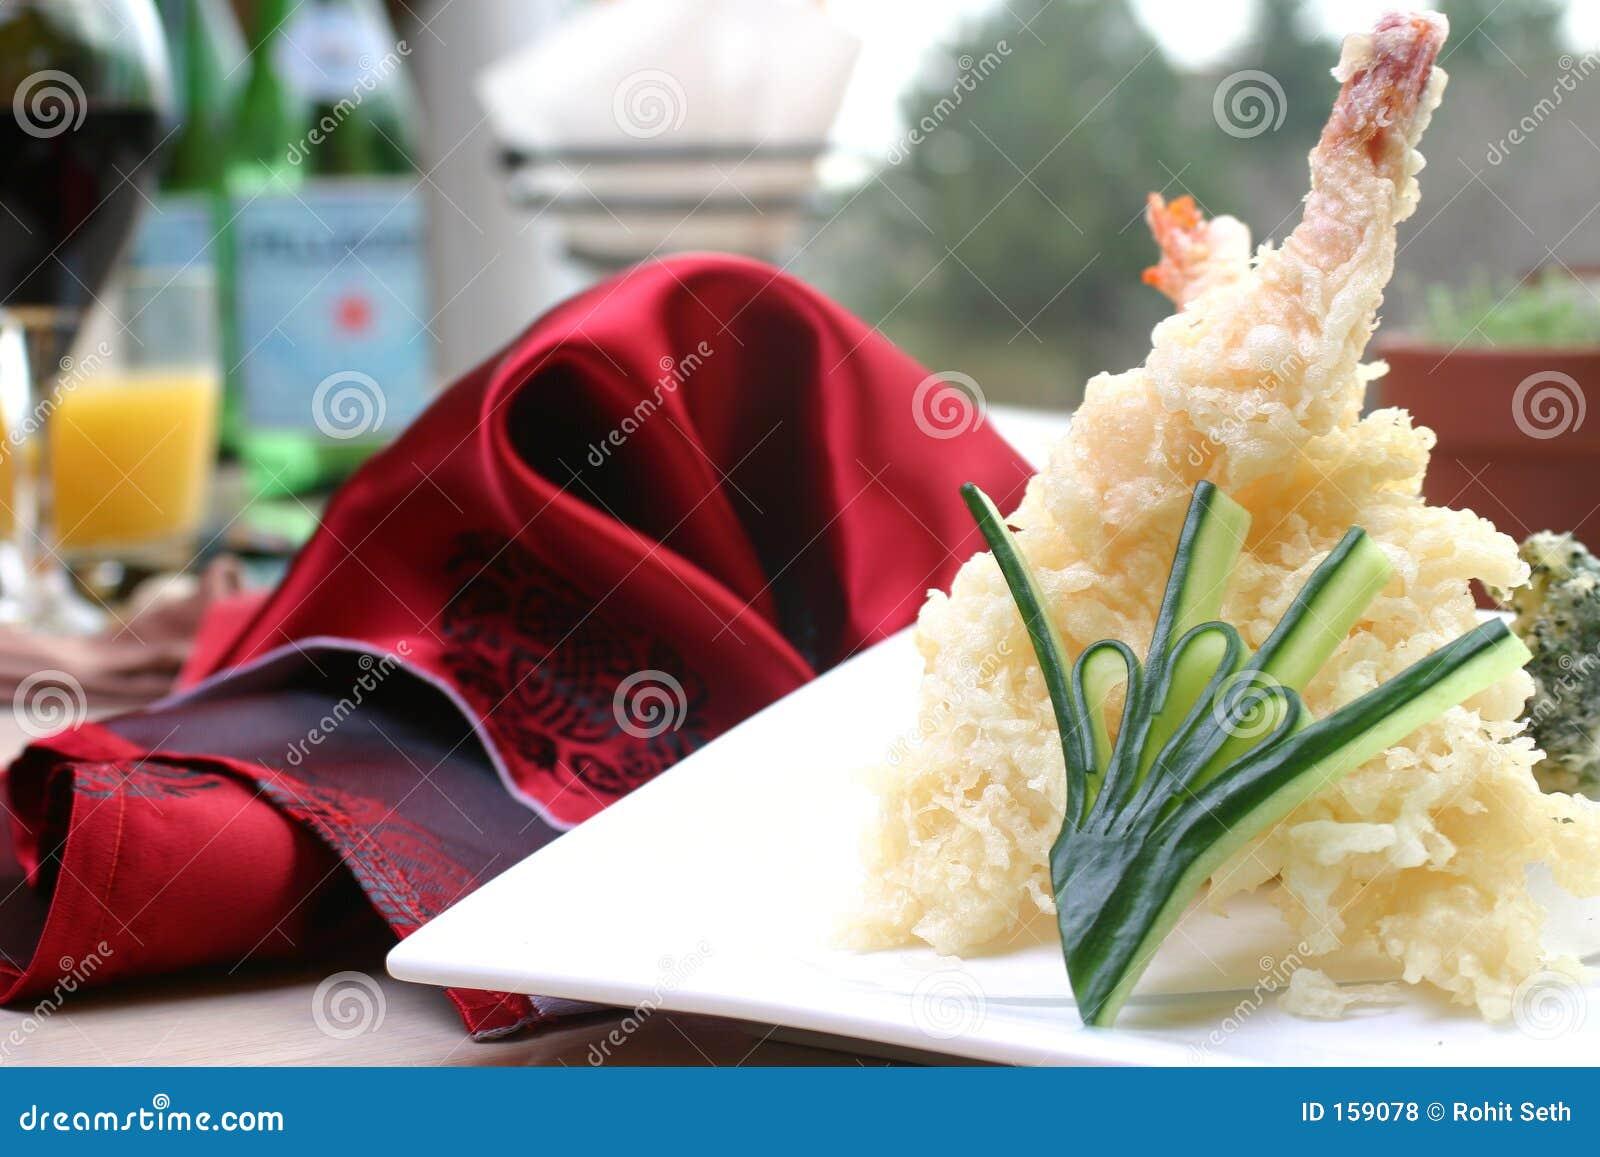 Sushi - Shrimp Tempura